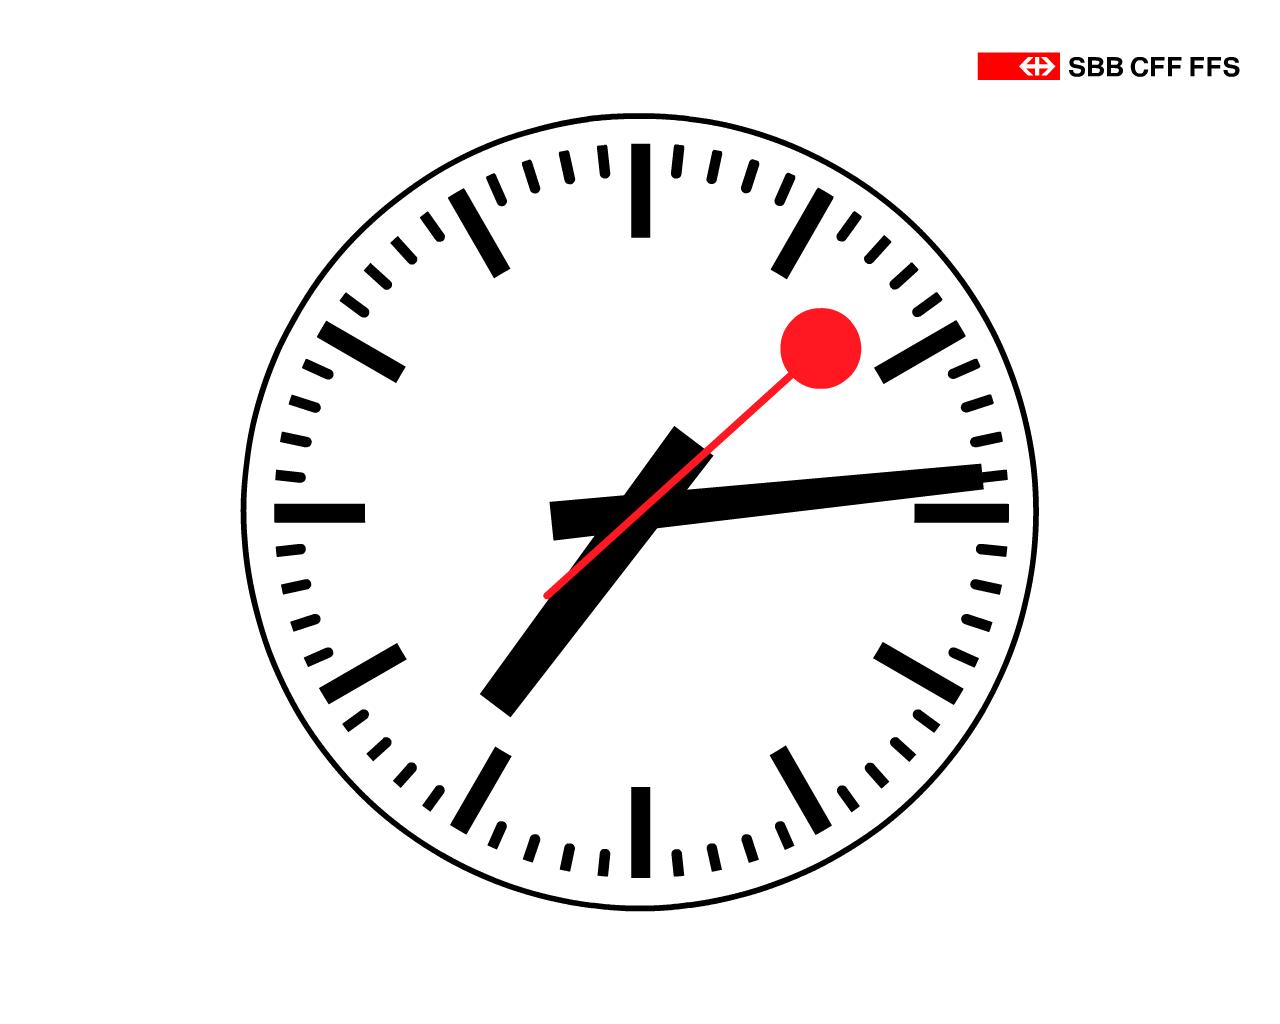 スイス国鉄公式鉄道時計スクリーンセーバー Swiss Railway Clock あの Stop To Go も再現 Gigazine